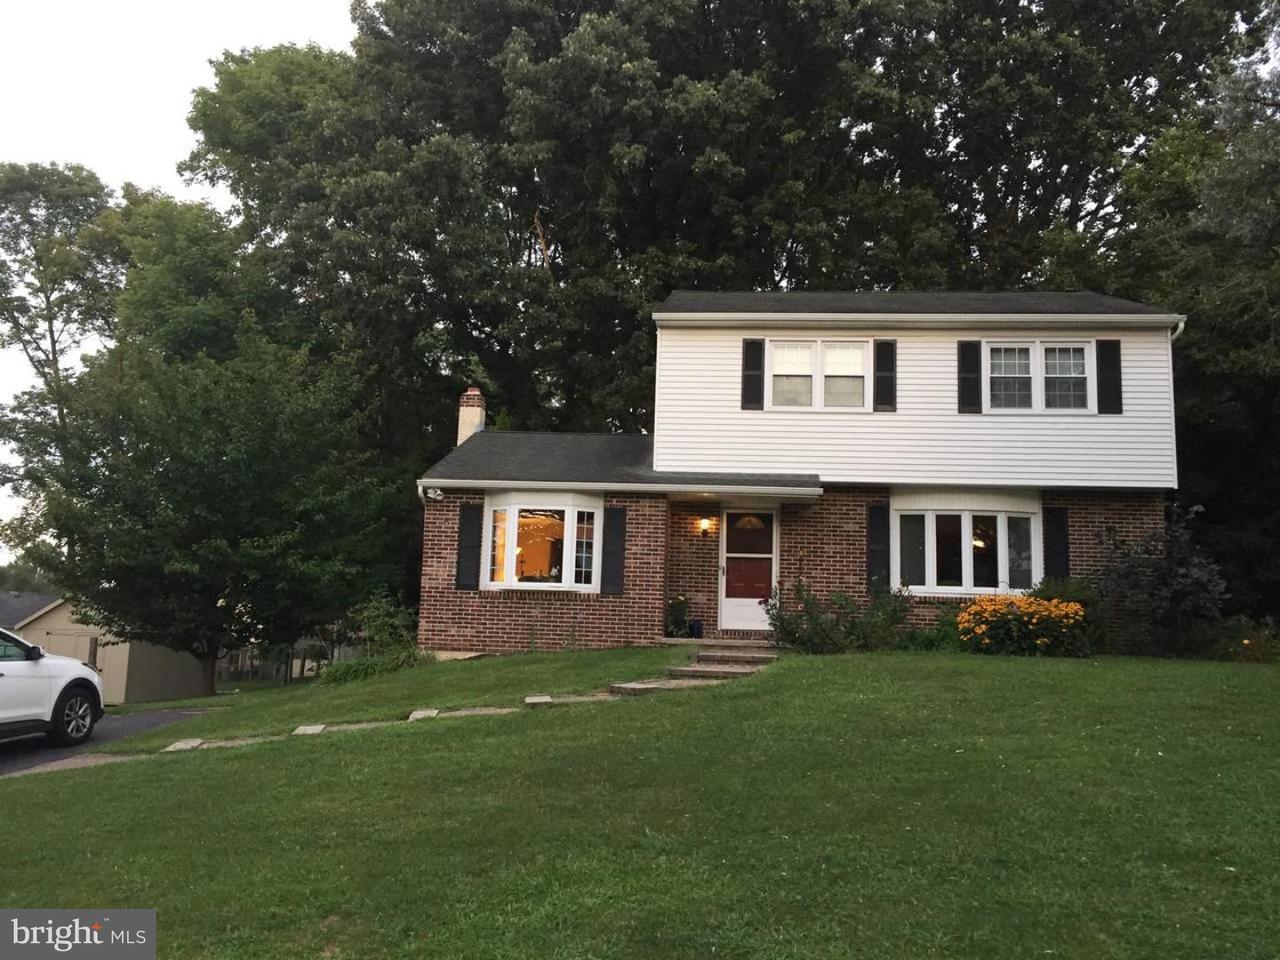 独户住宅 为 出租 在 209 VALLEY VIEW Lane Downingtown, 宾夕法尼亚州 19335 美国